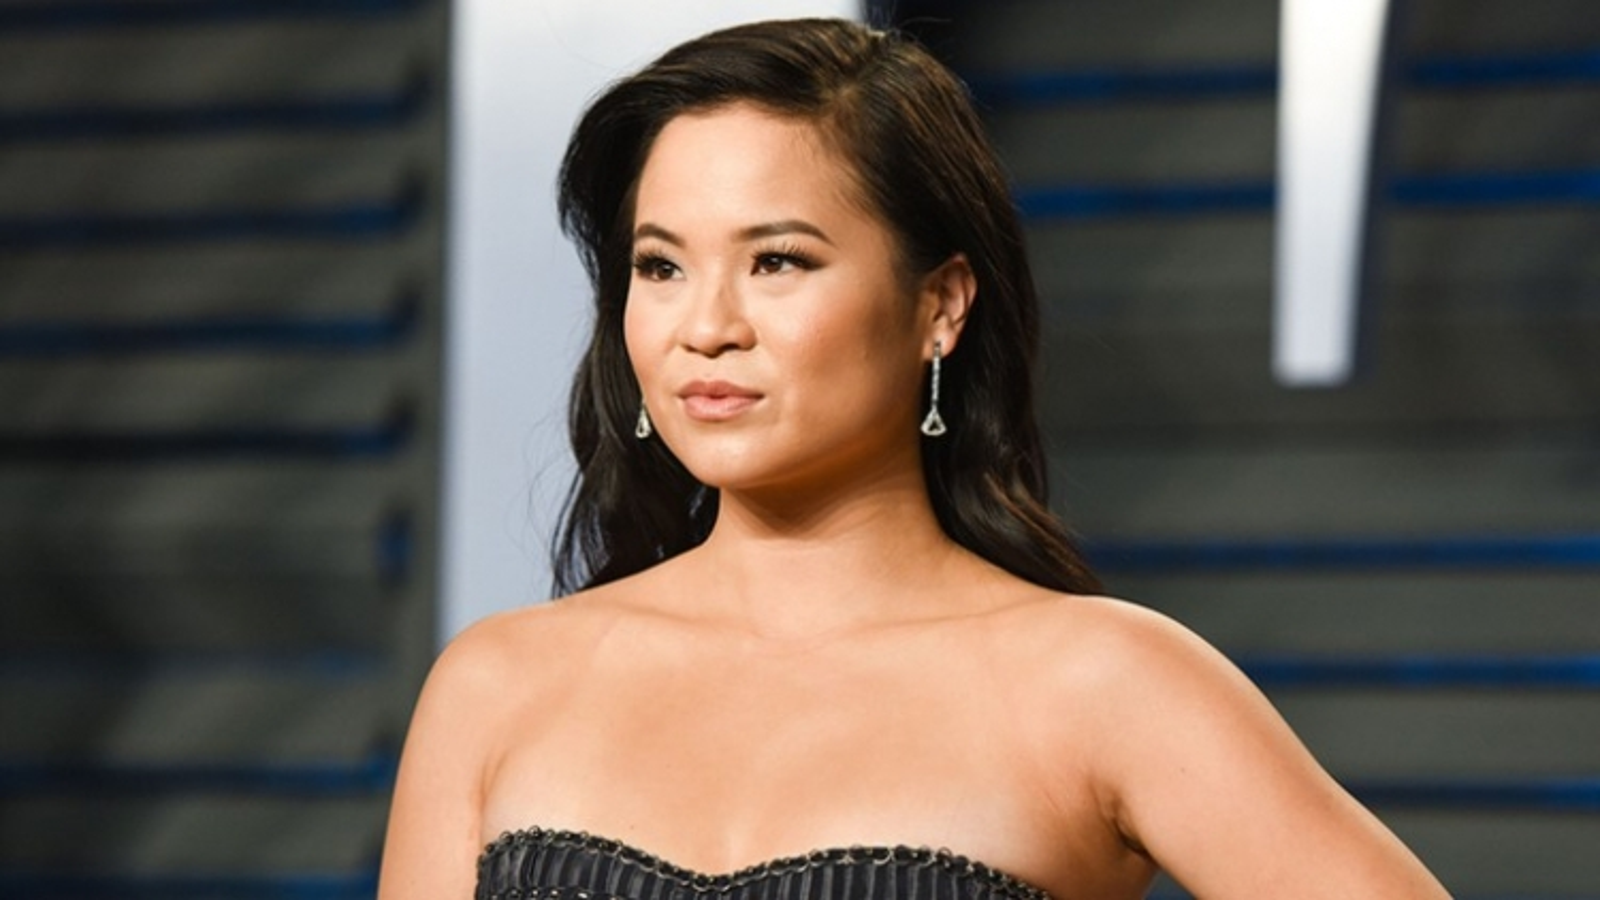 Diễn viên gốc Việt Kelly Marie Tran lồng tiếng phim hoạt hình của Disney